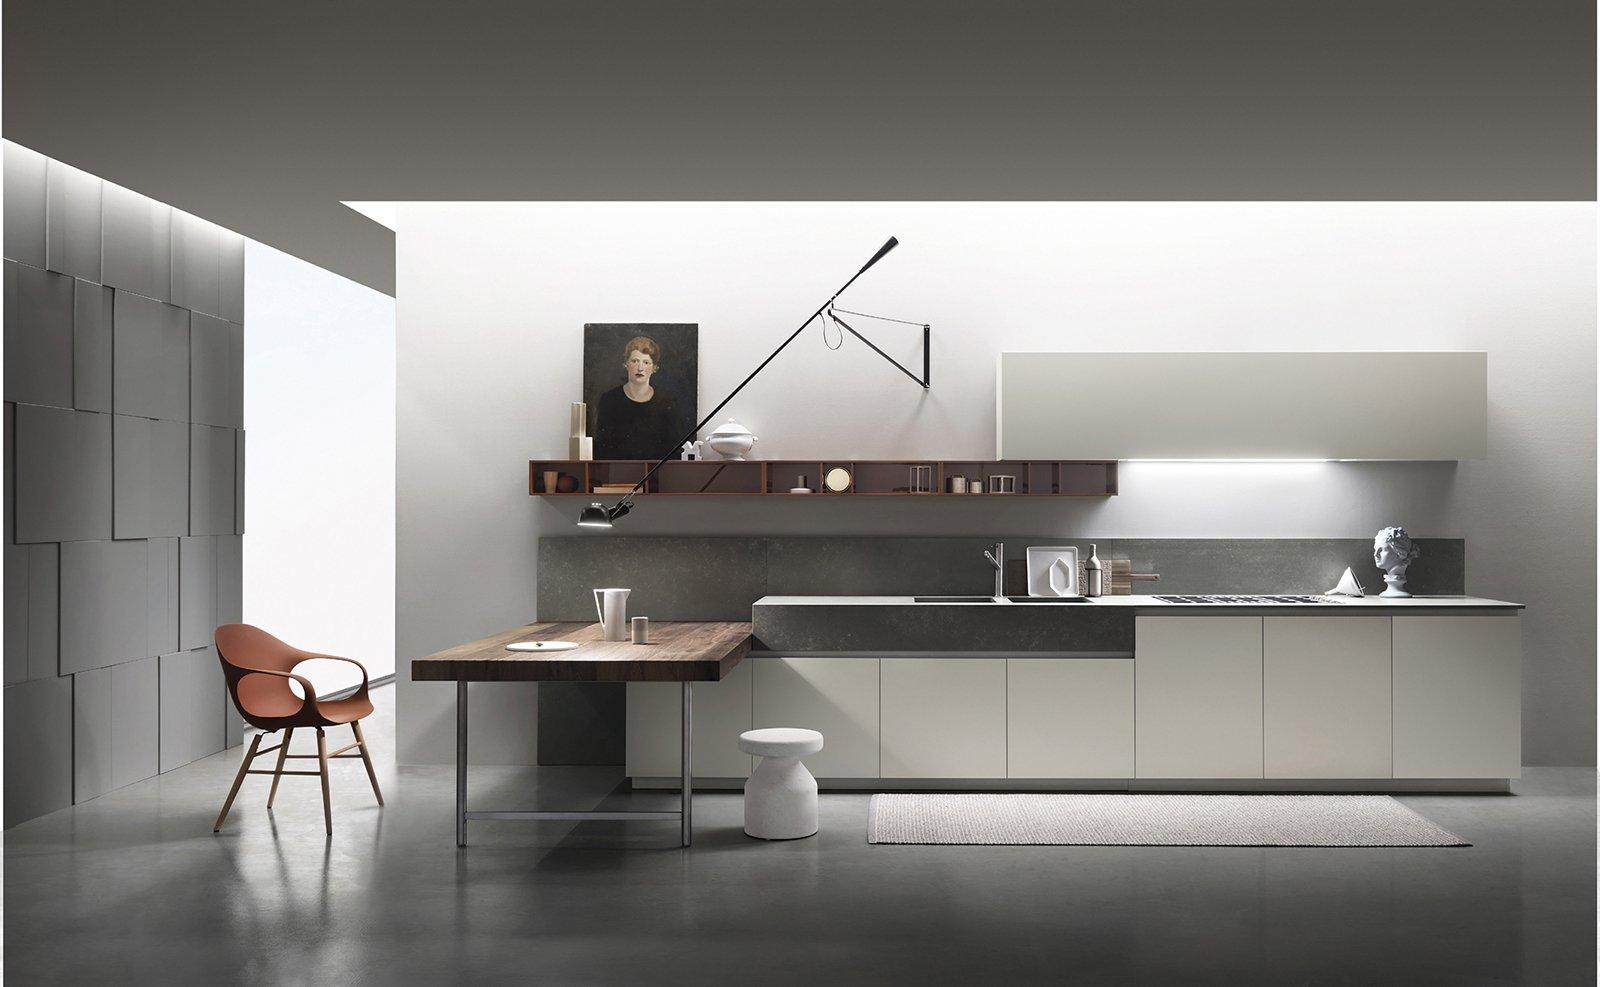 Illuminazione Piano Cucina : Cucina la luce nel punto giusto cose di casa